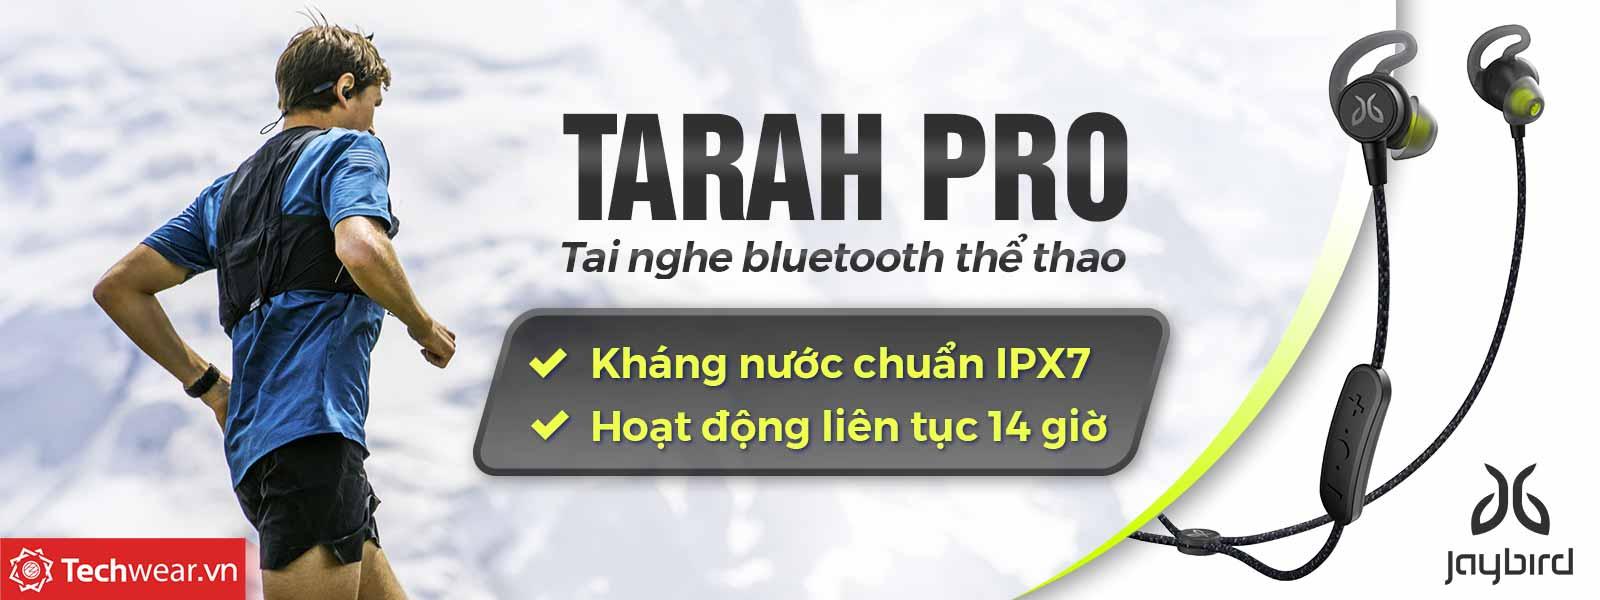 bán tai nghe Jaybird Tahra pro mới nhất